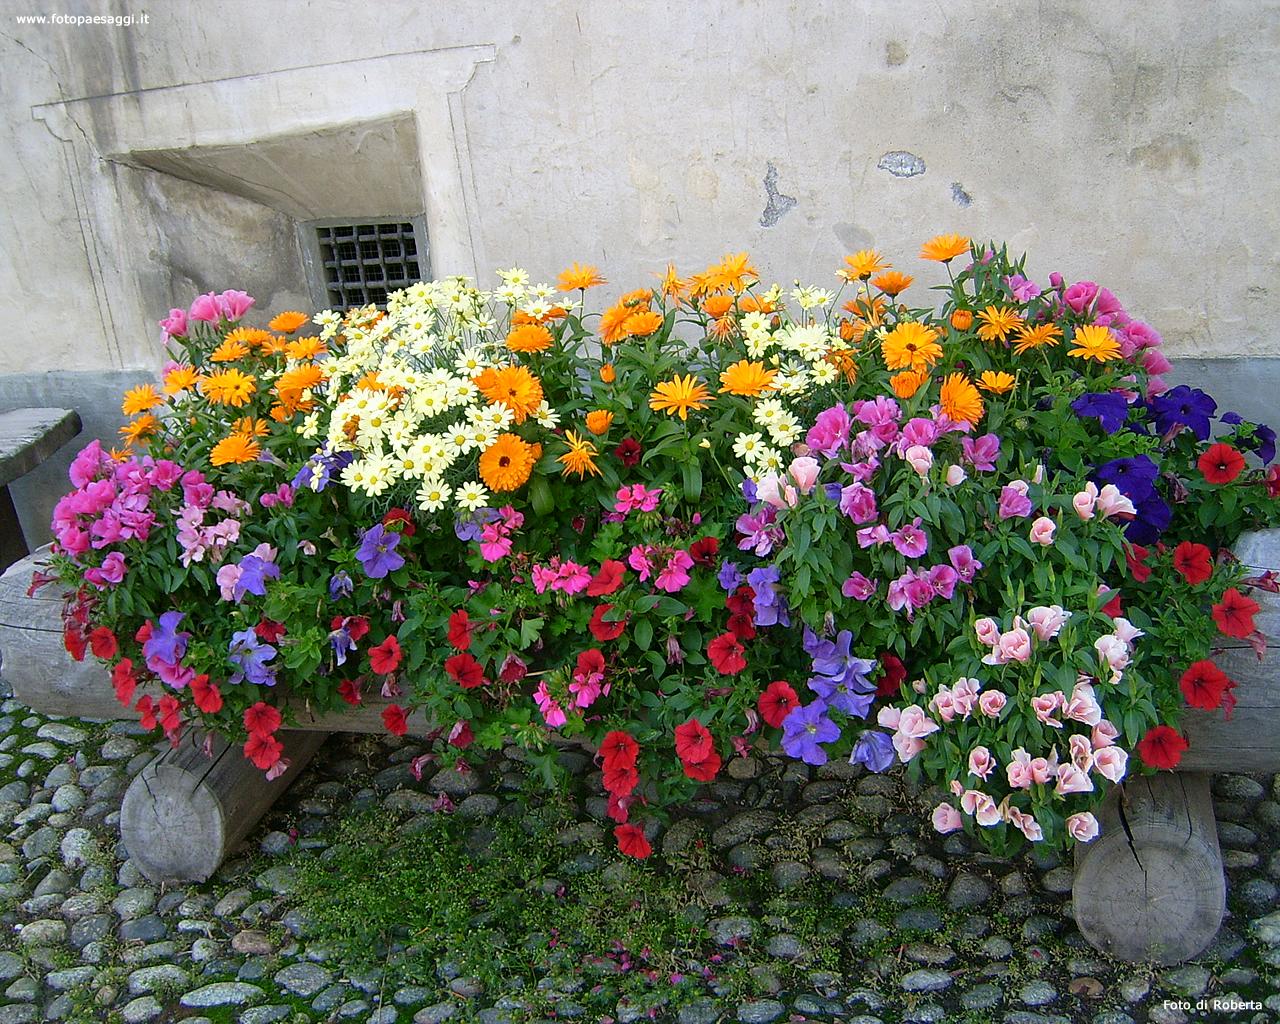 Sfondi per desktop i fiori sfondo 024 for Sfondi desktop fiori